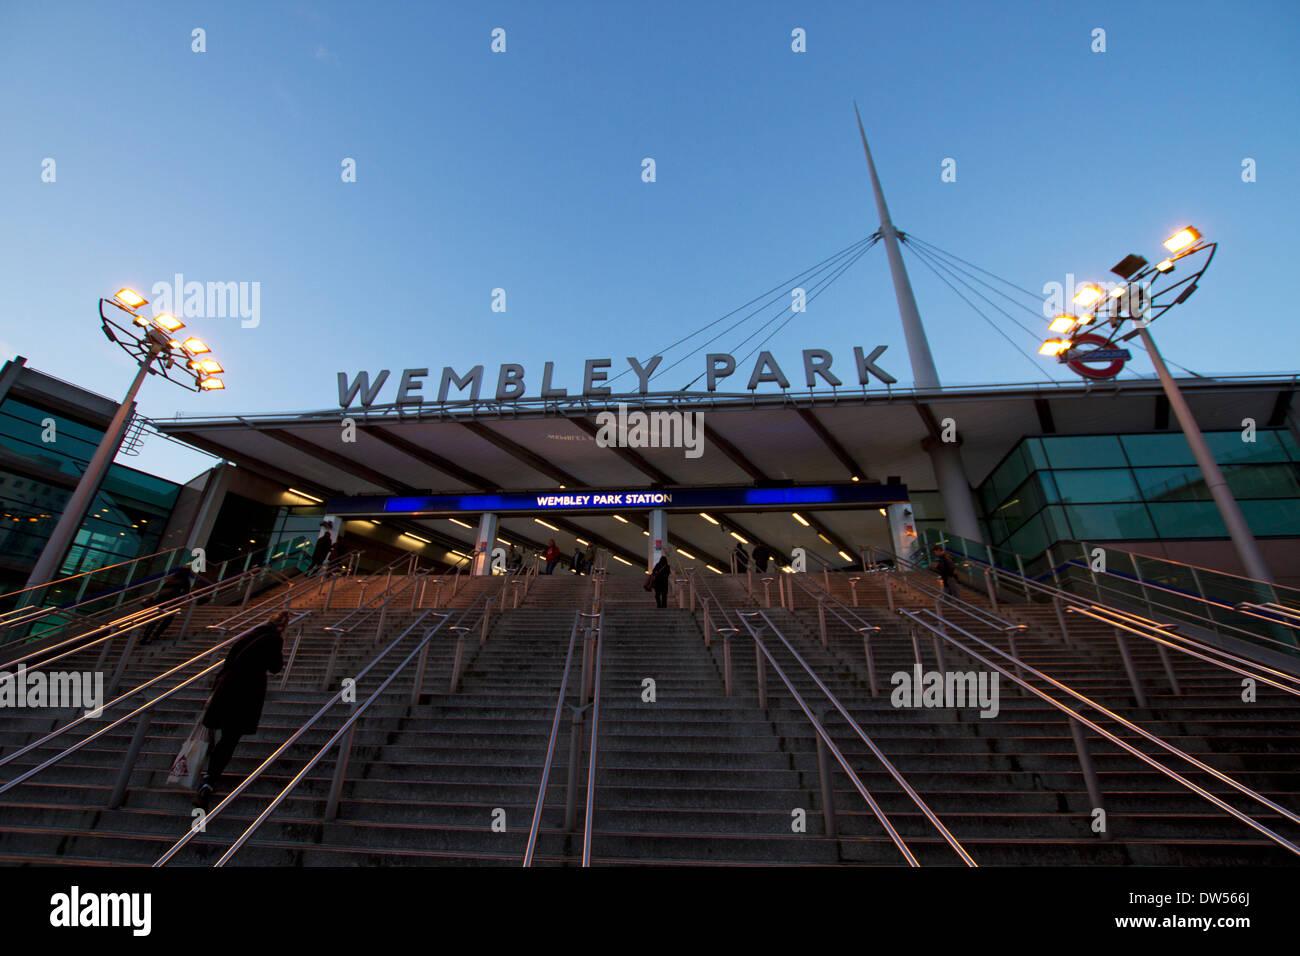 Wembley Park station,London,UK - Stock Image